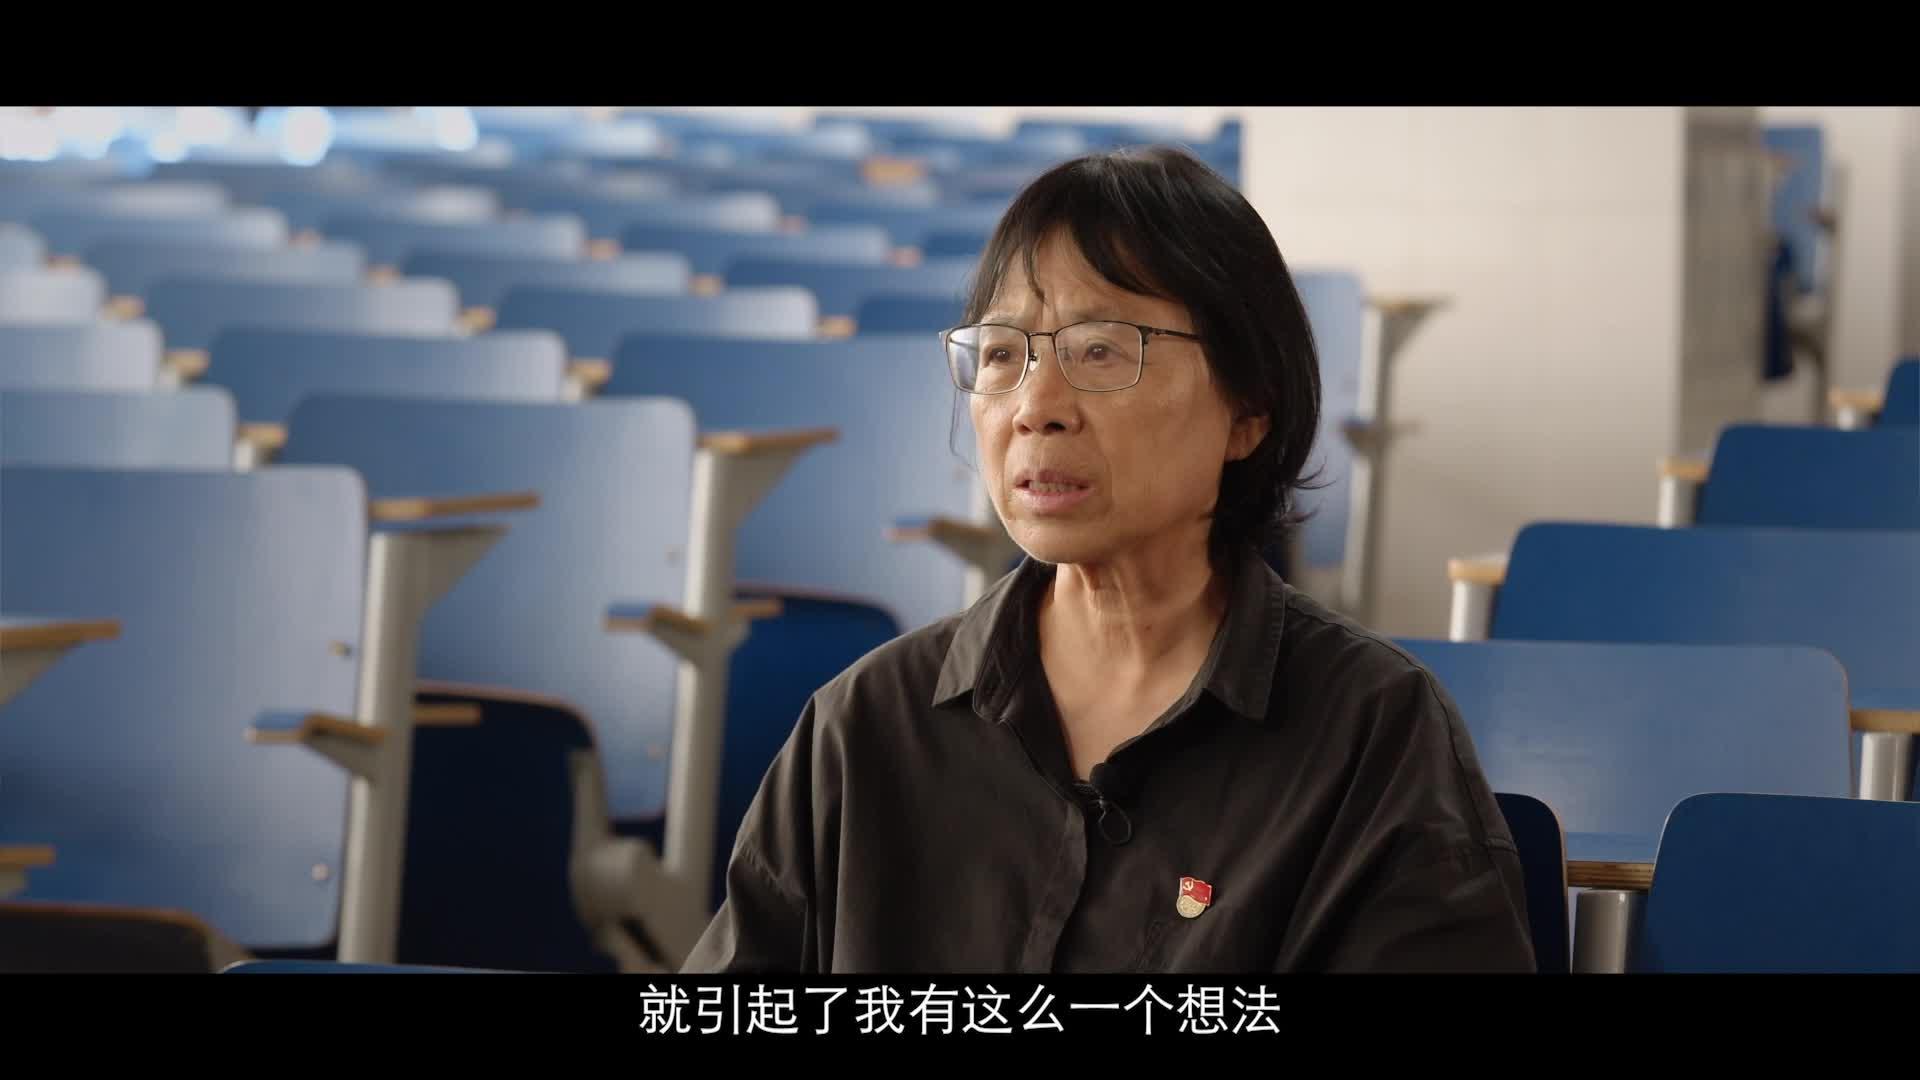 张桂梅回应建设免费女子高中:我要抹去大山里女孩的愚昧